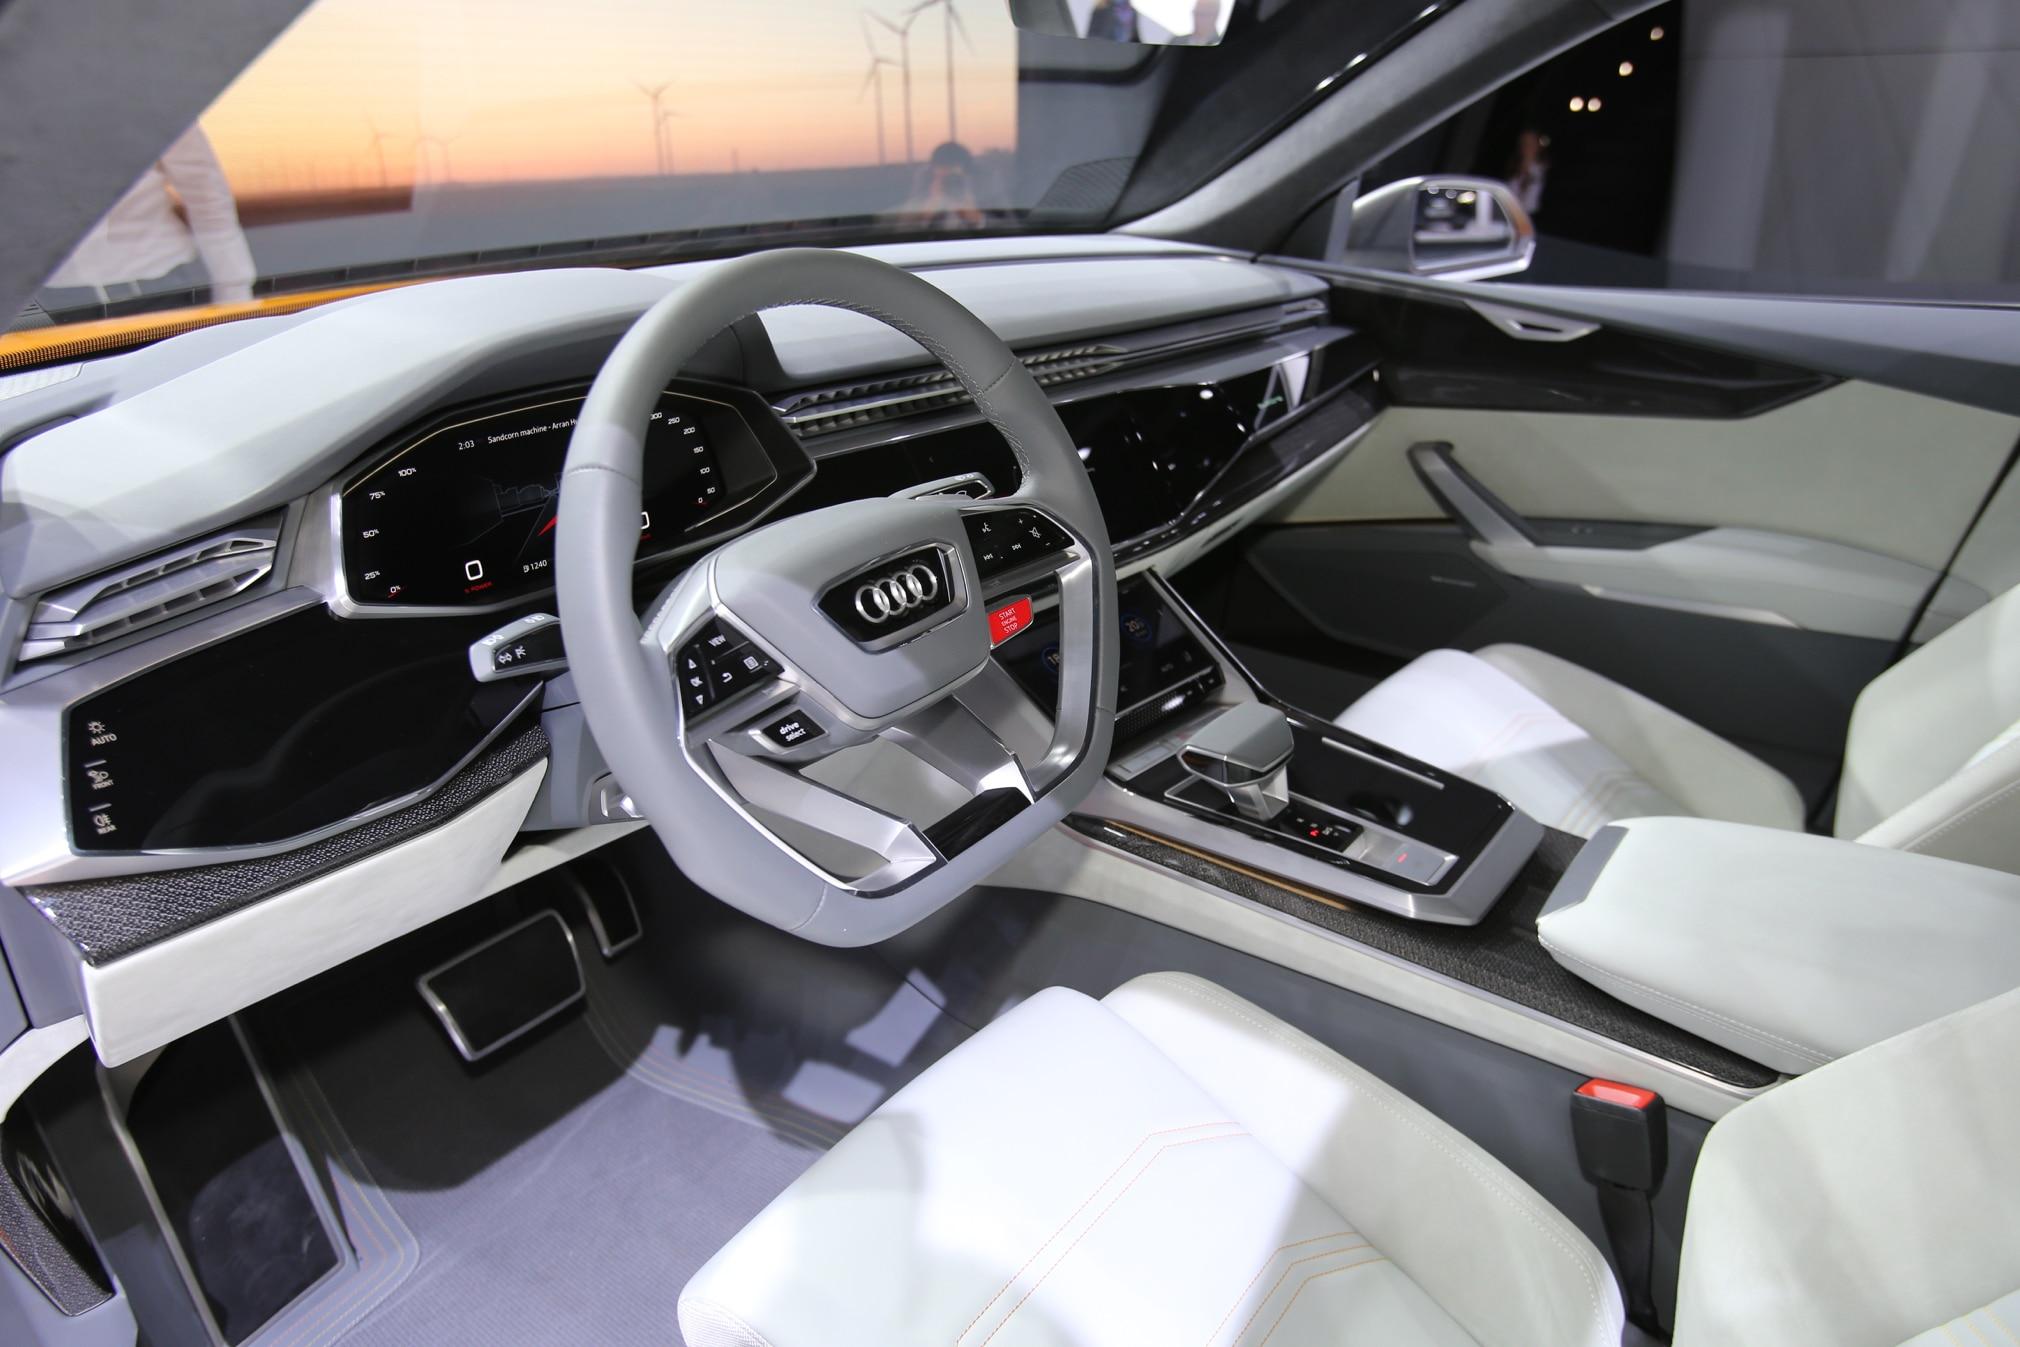 Audi-Q8-Sport-concept-interior-view - Motor Trend en Español